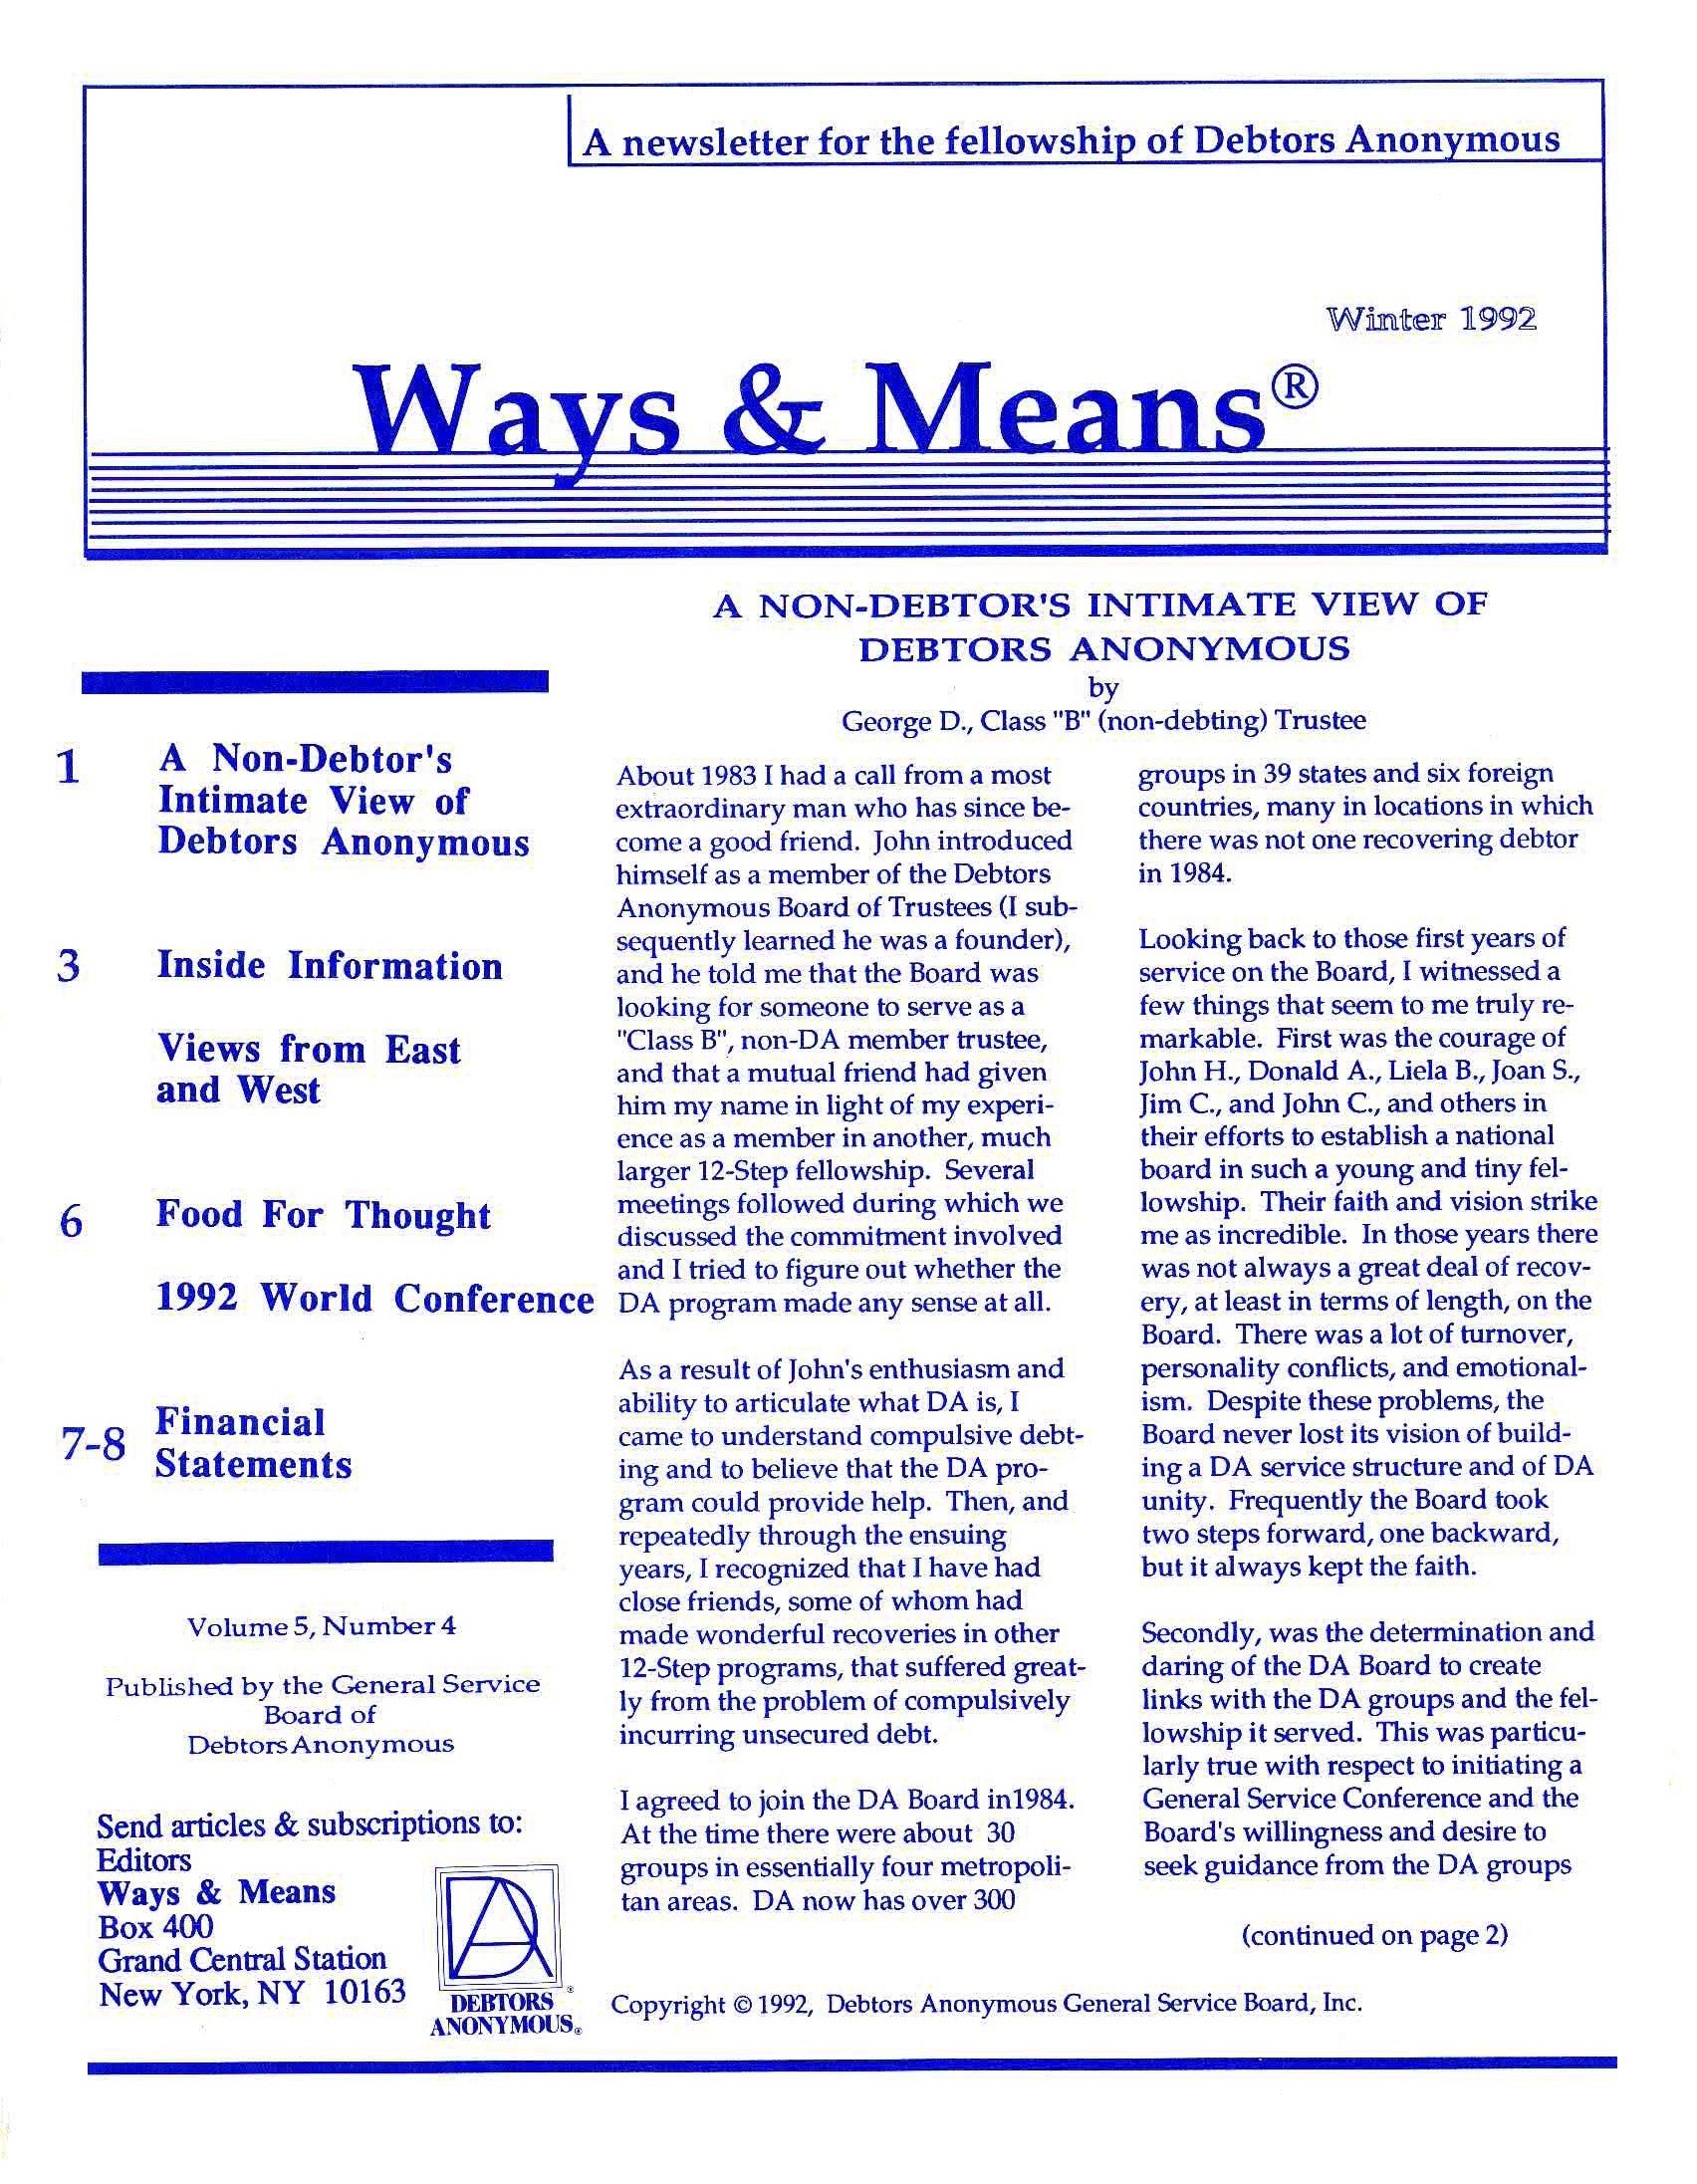 Ways & Means 1st QTR 1992